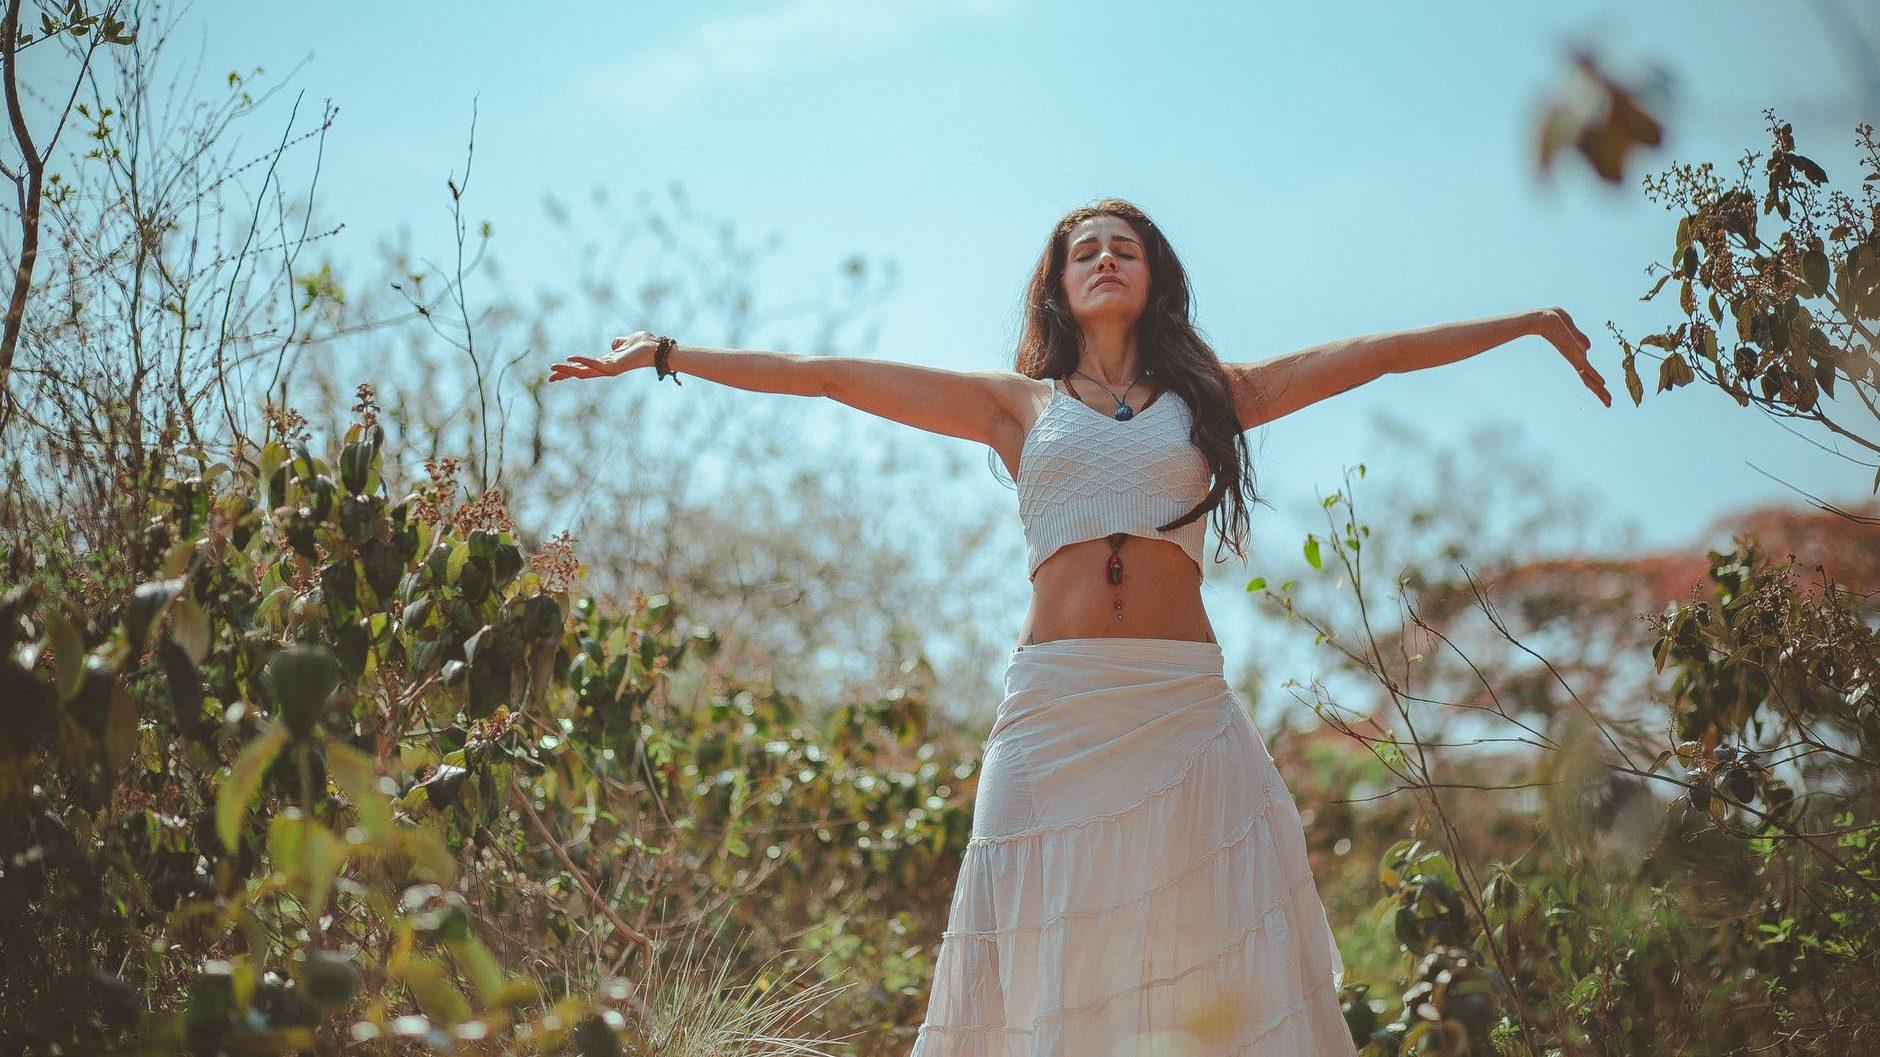 Vjerujete li u čuda? Slušate li svoju intuciju? To je ključ za stvaranje obilja u svakoj sferi života